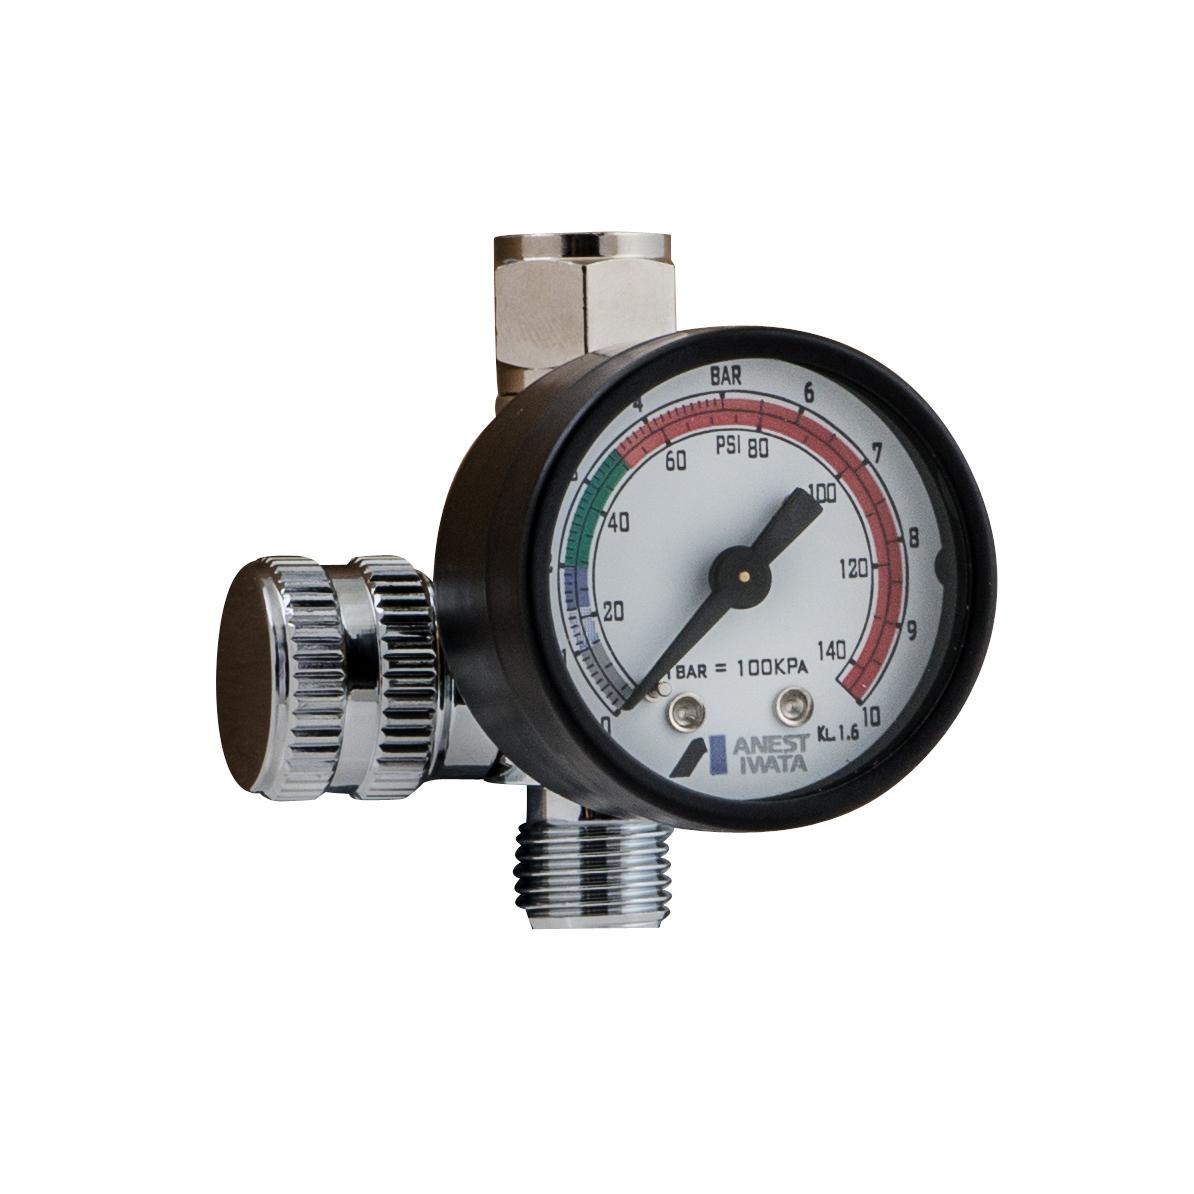 Манометры и регуляторы для краскопульта Регулятор давления c манометром | Impact Controller-2 w2012920700.jpg